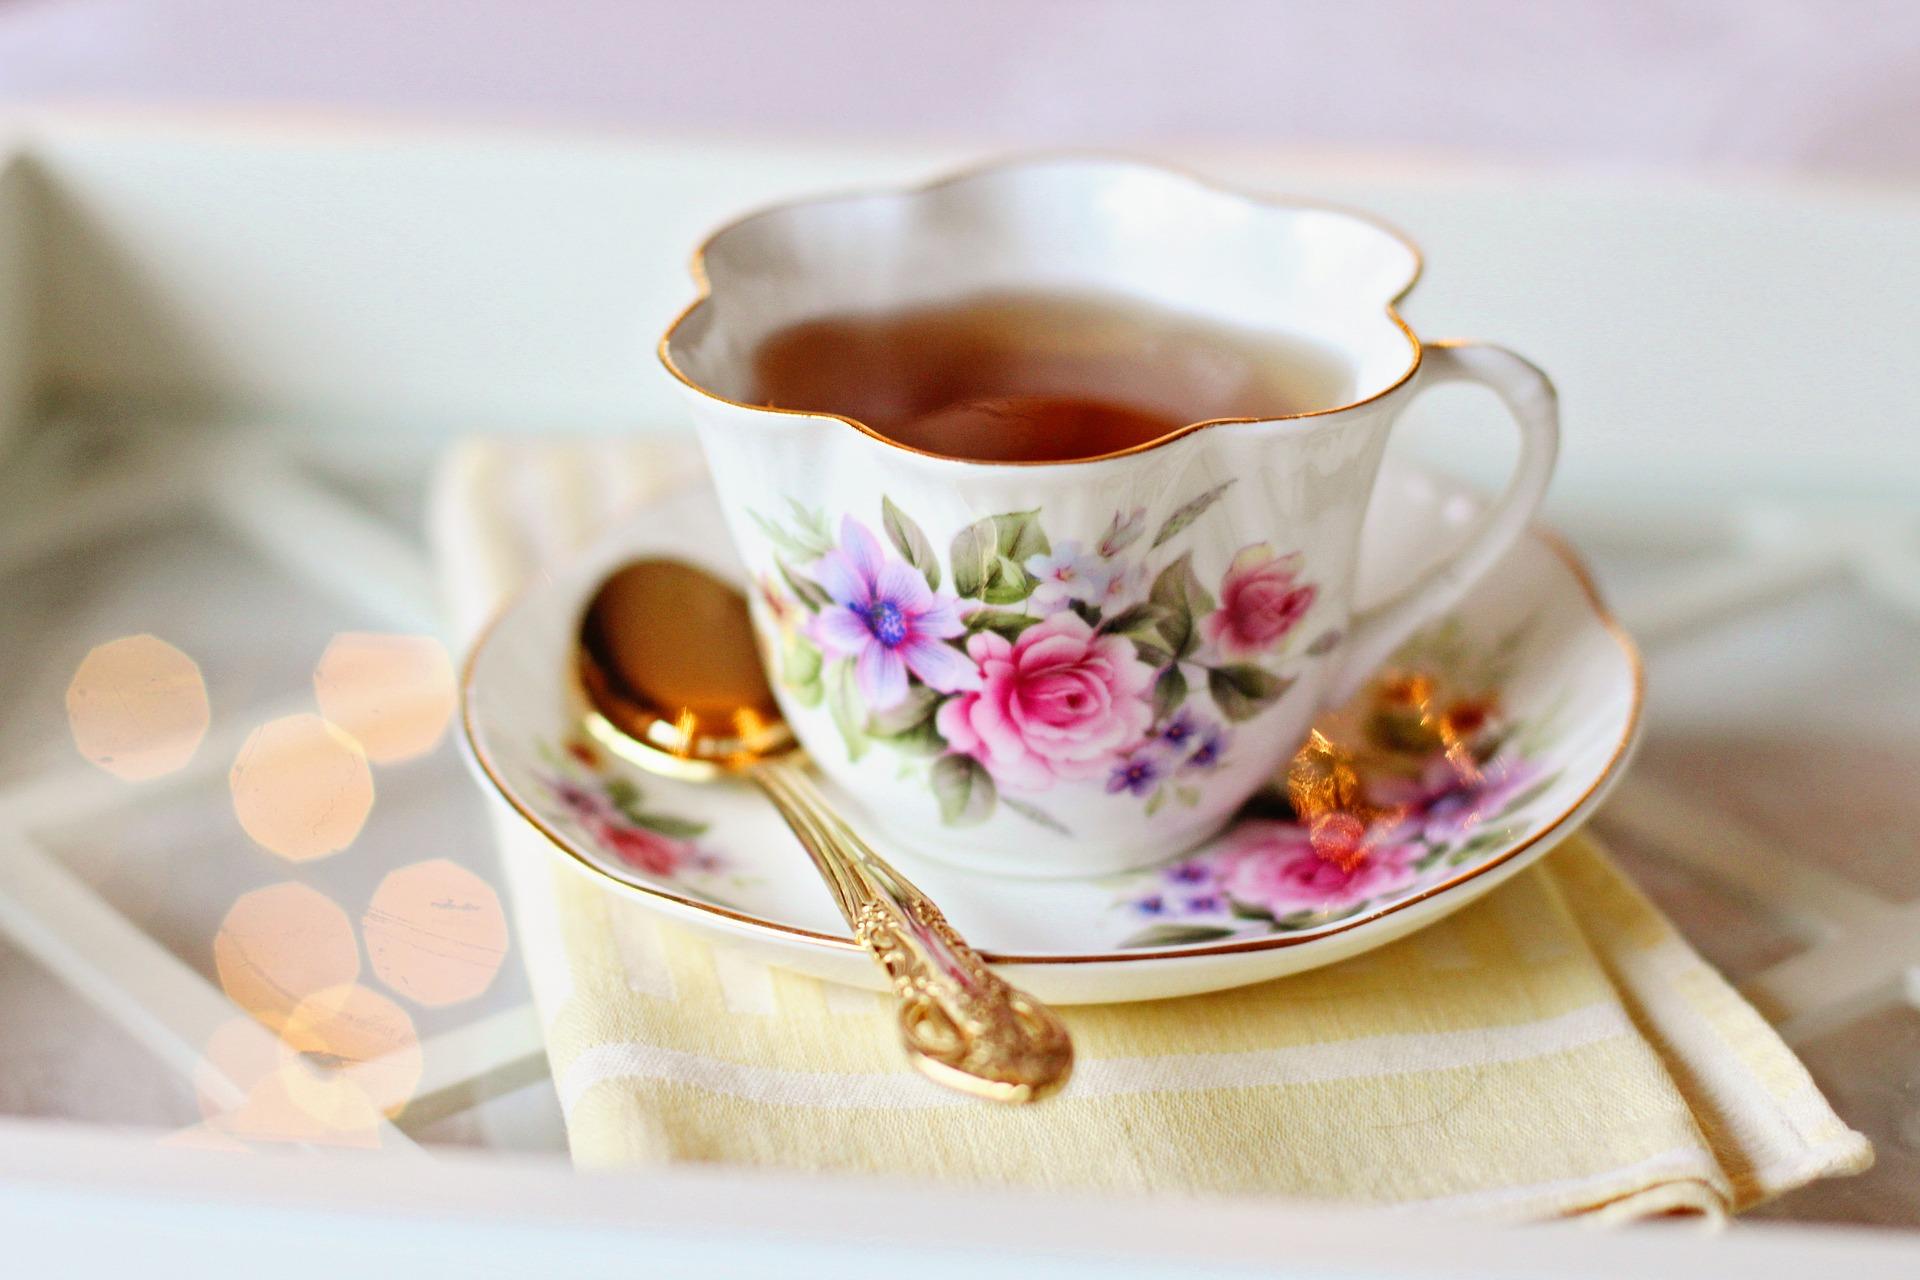 Tata; tea unit